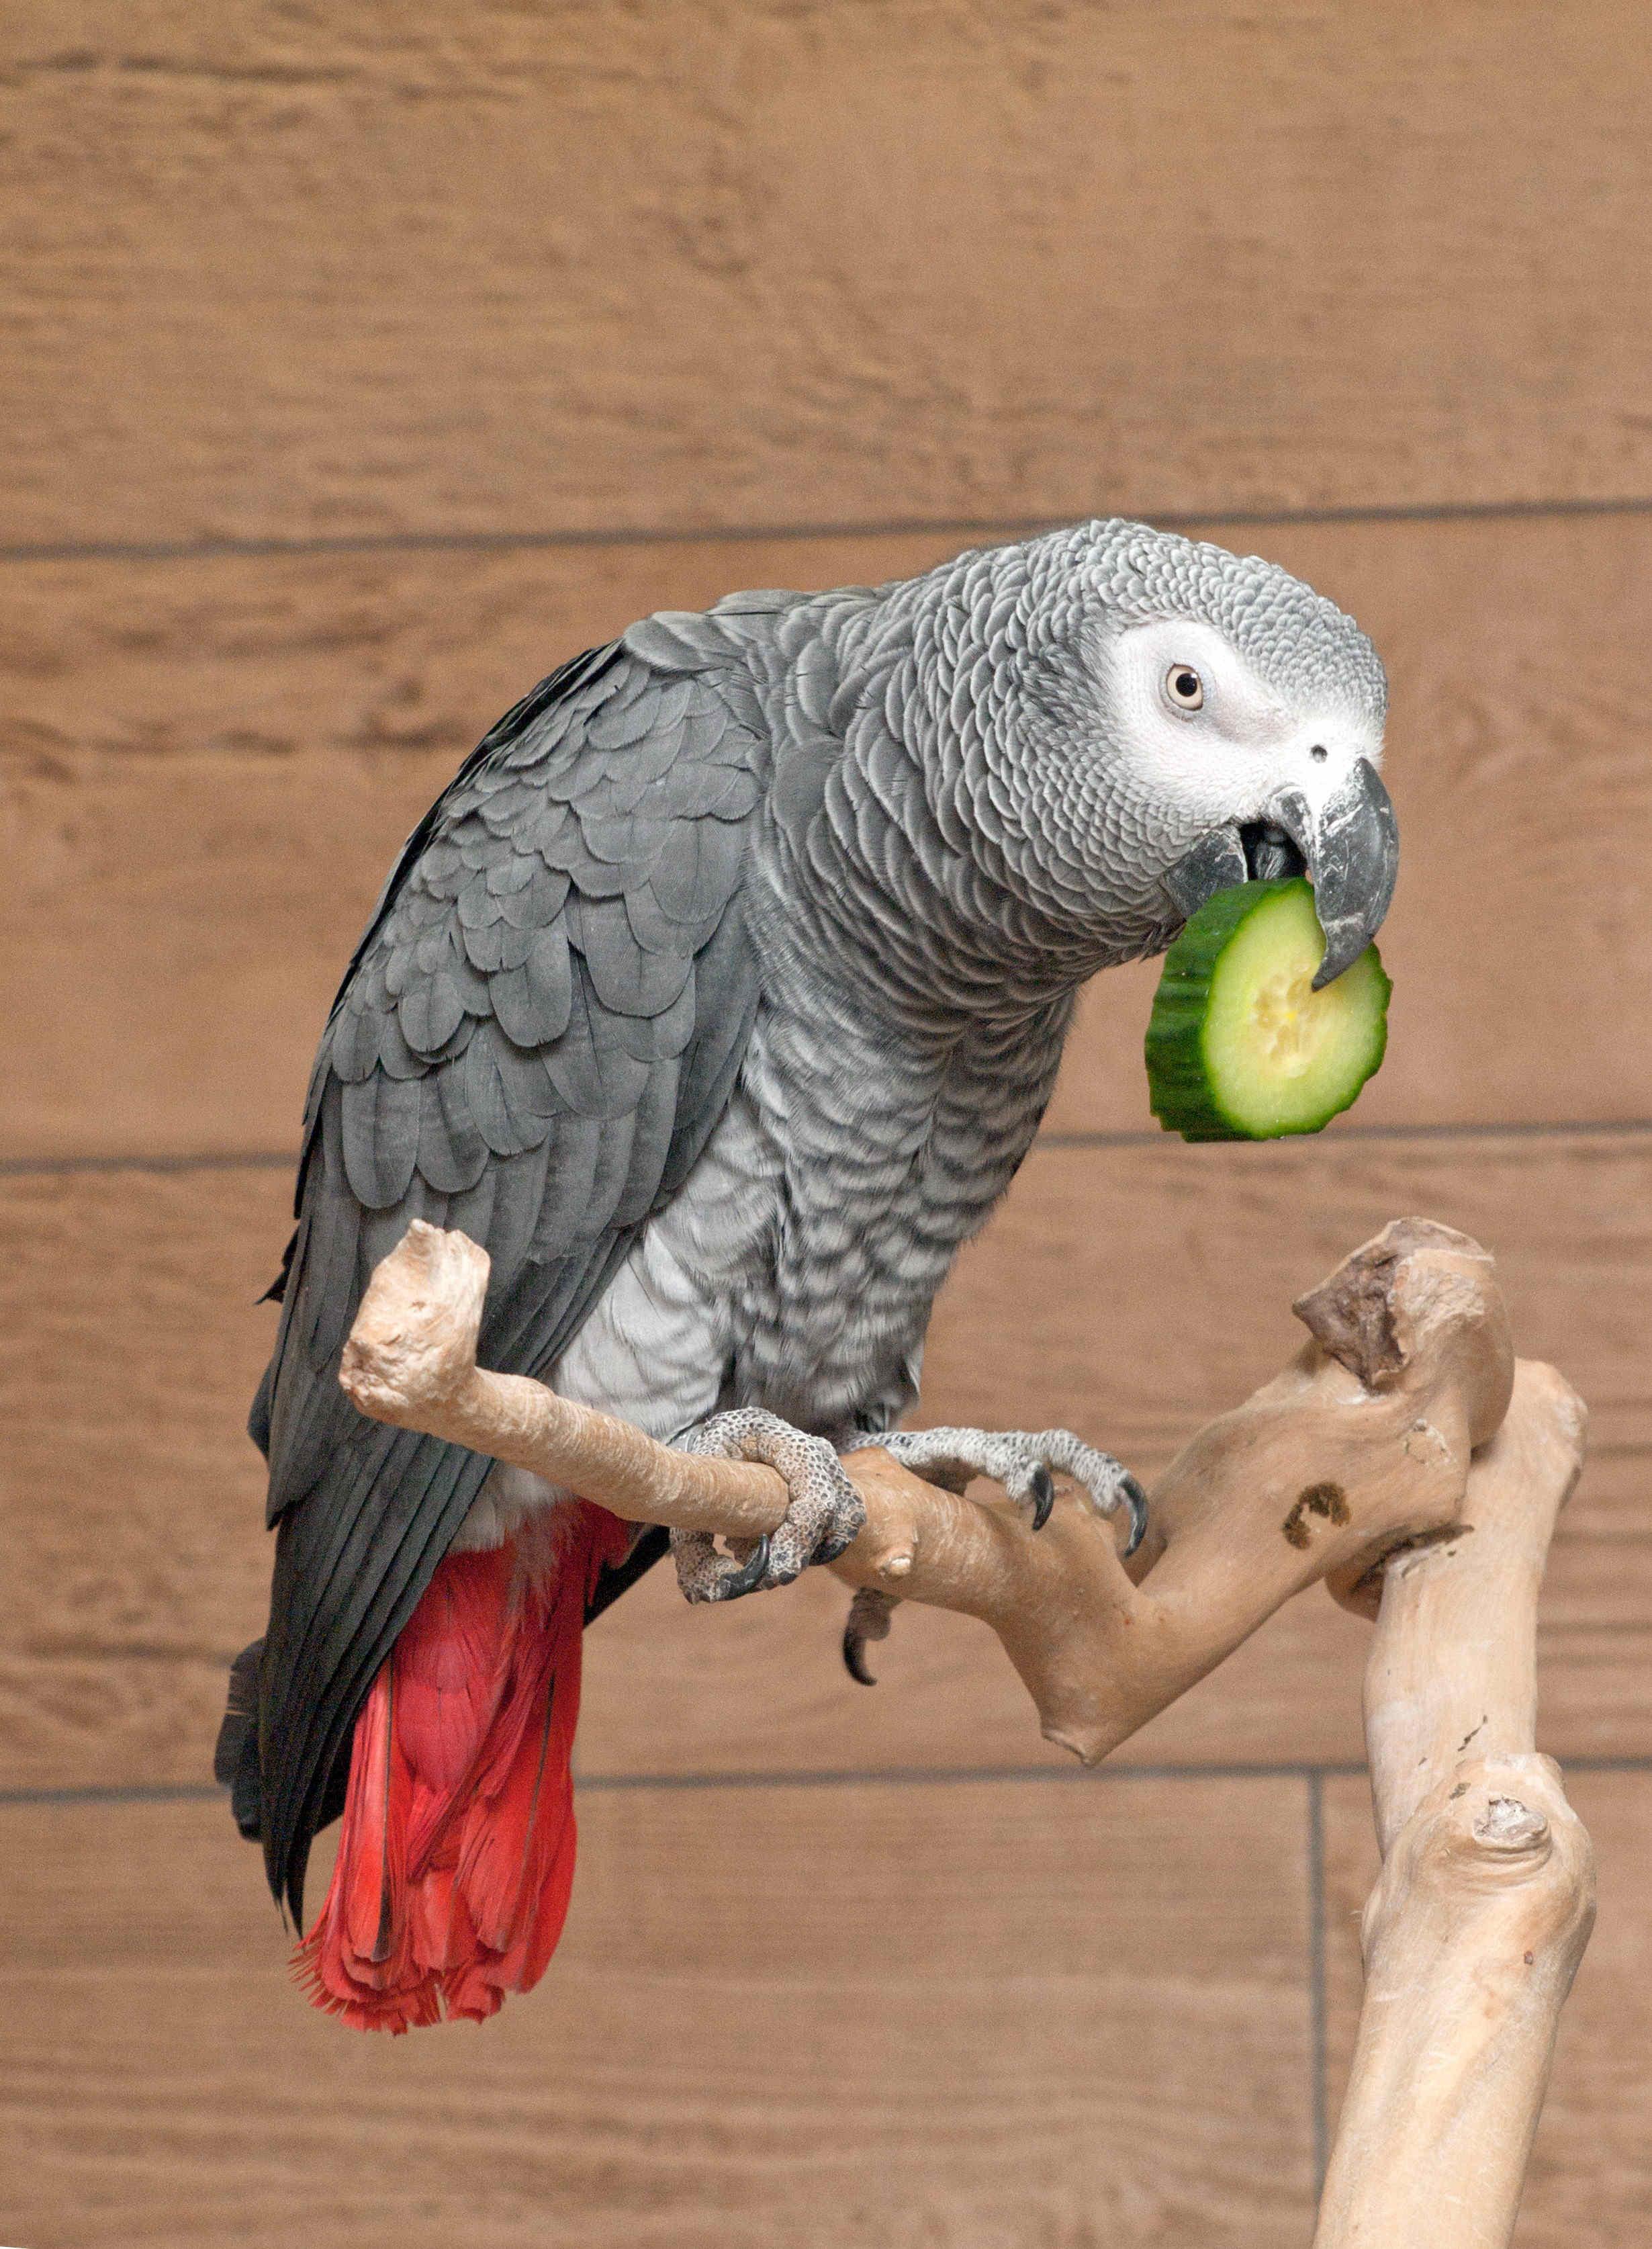 Bild von Papagei beim Fressen